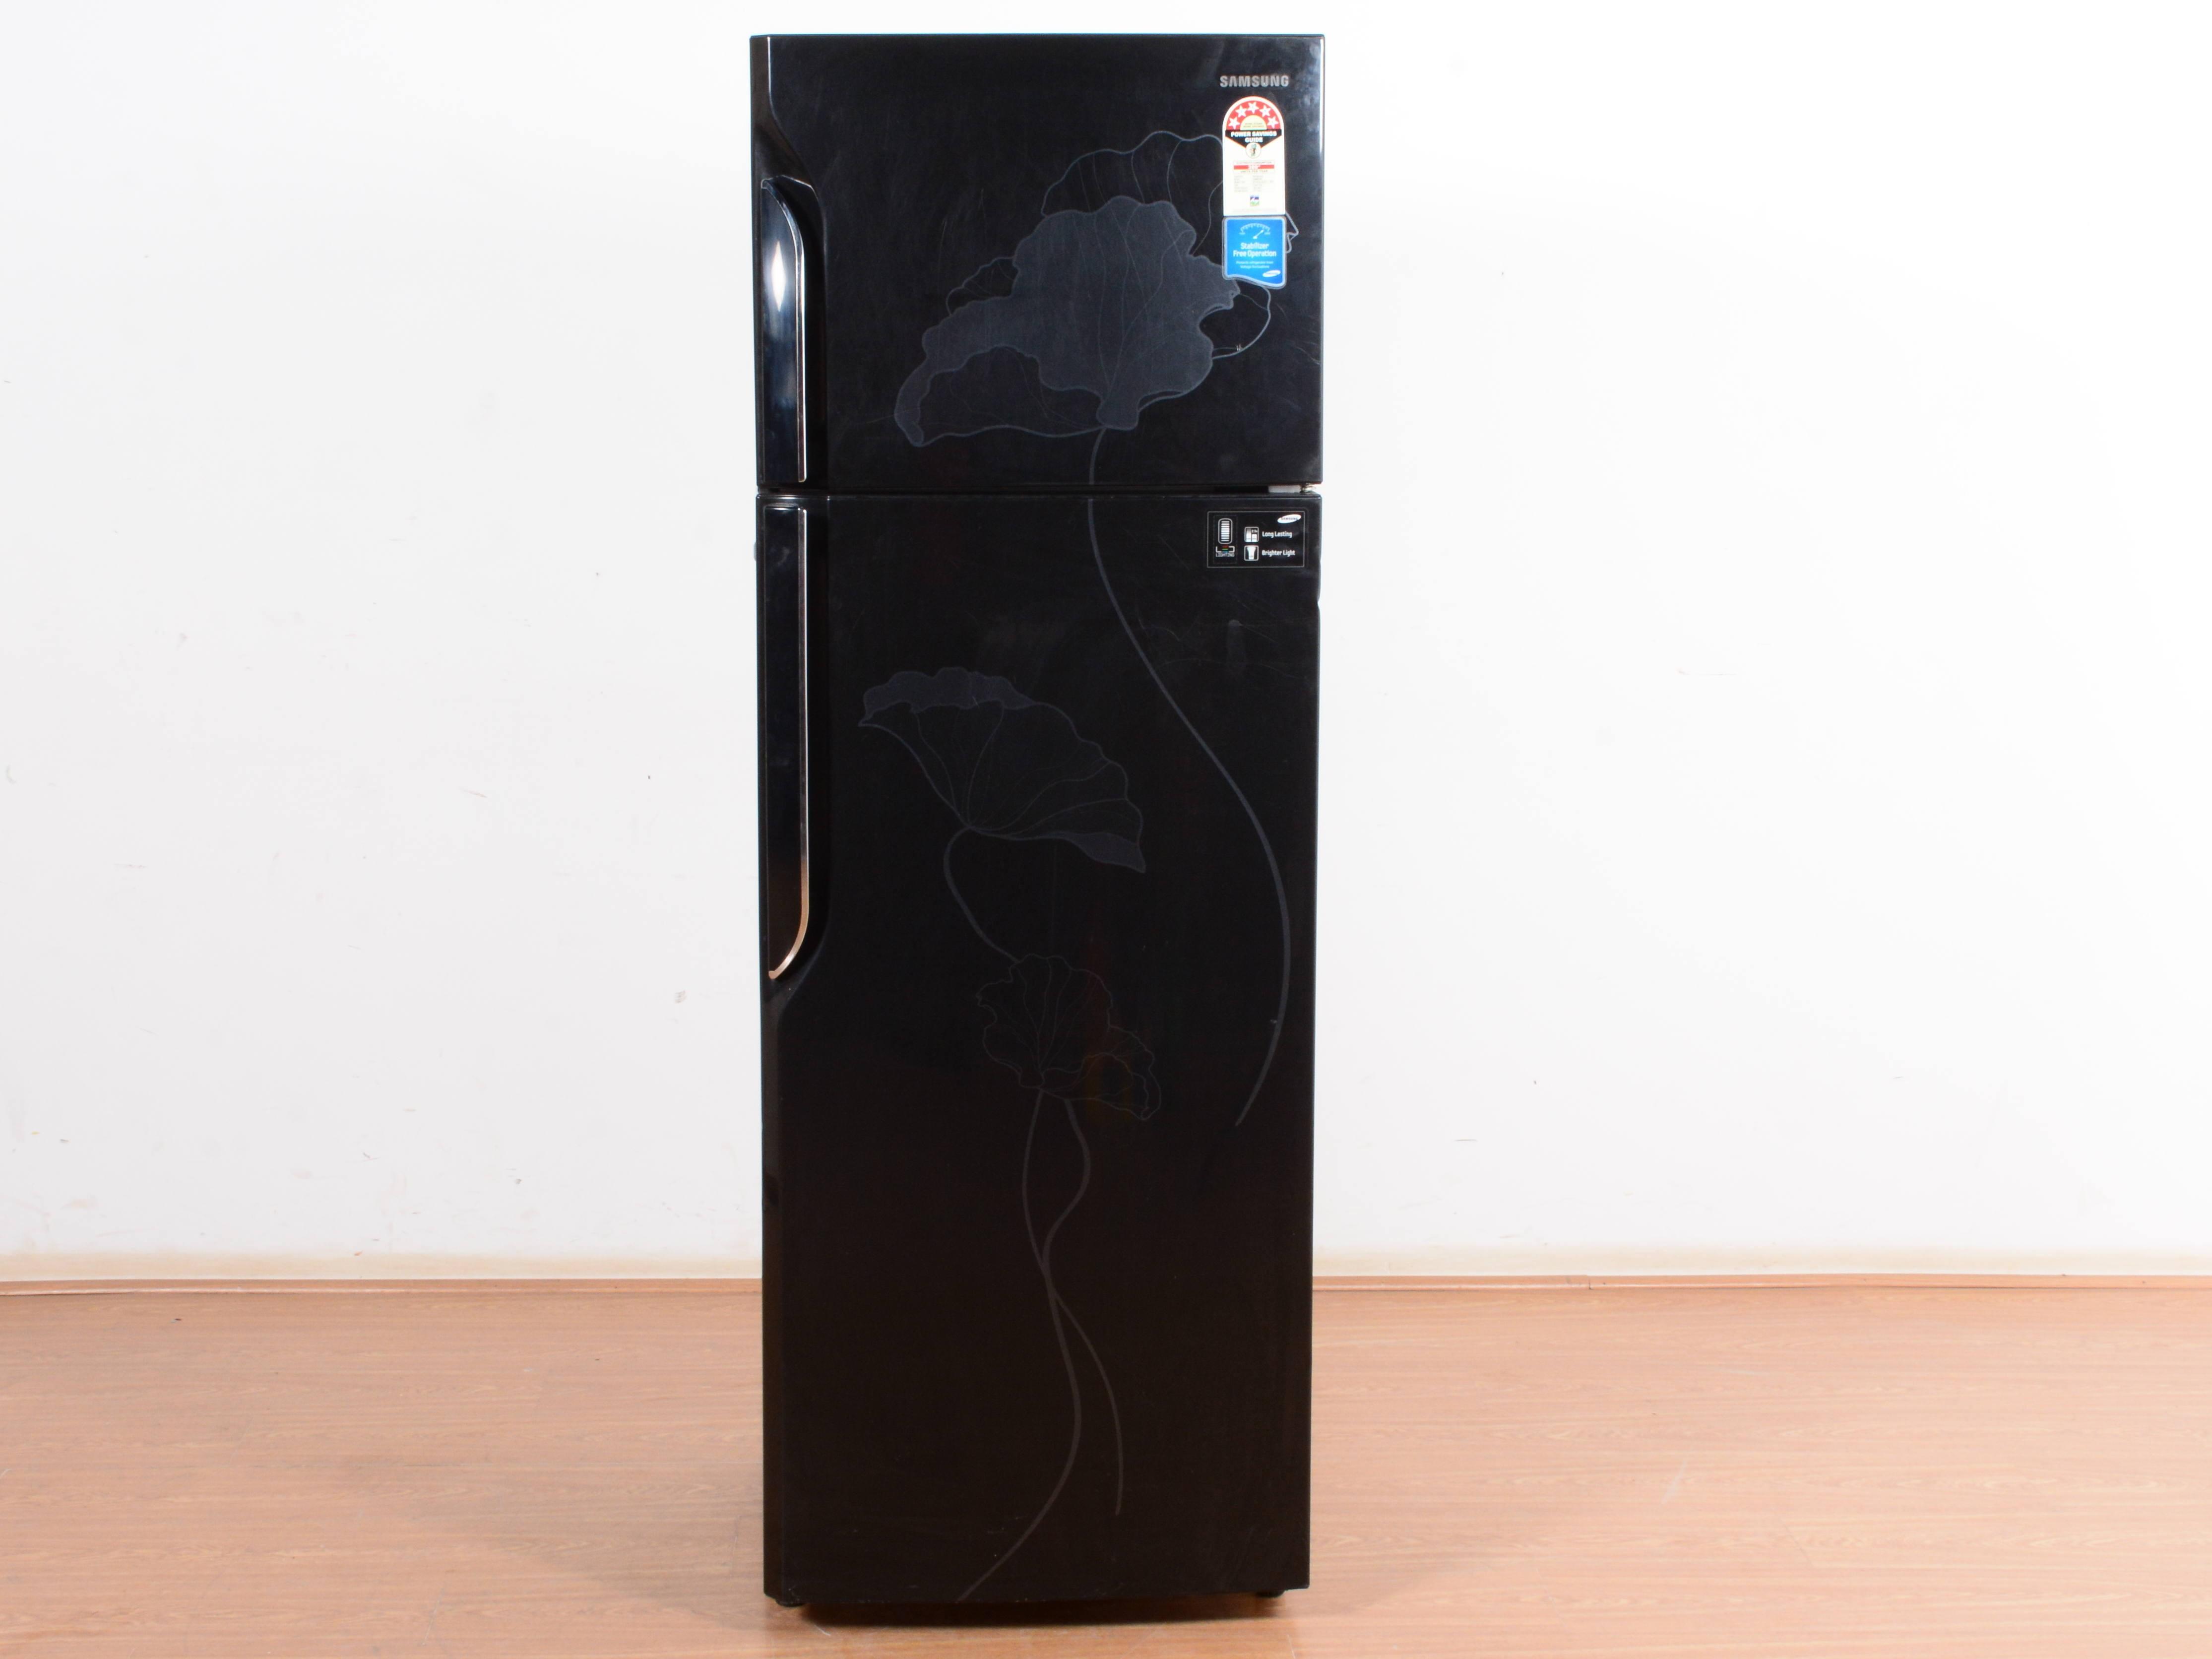 Samsung Double Door Refrigerator RT31HCLB1 Image